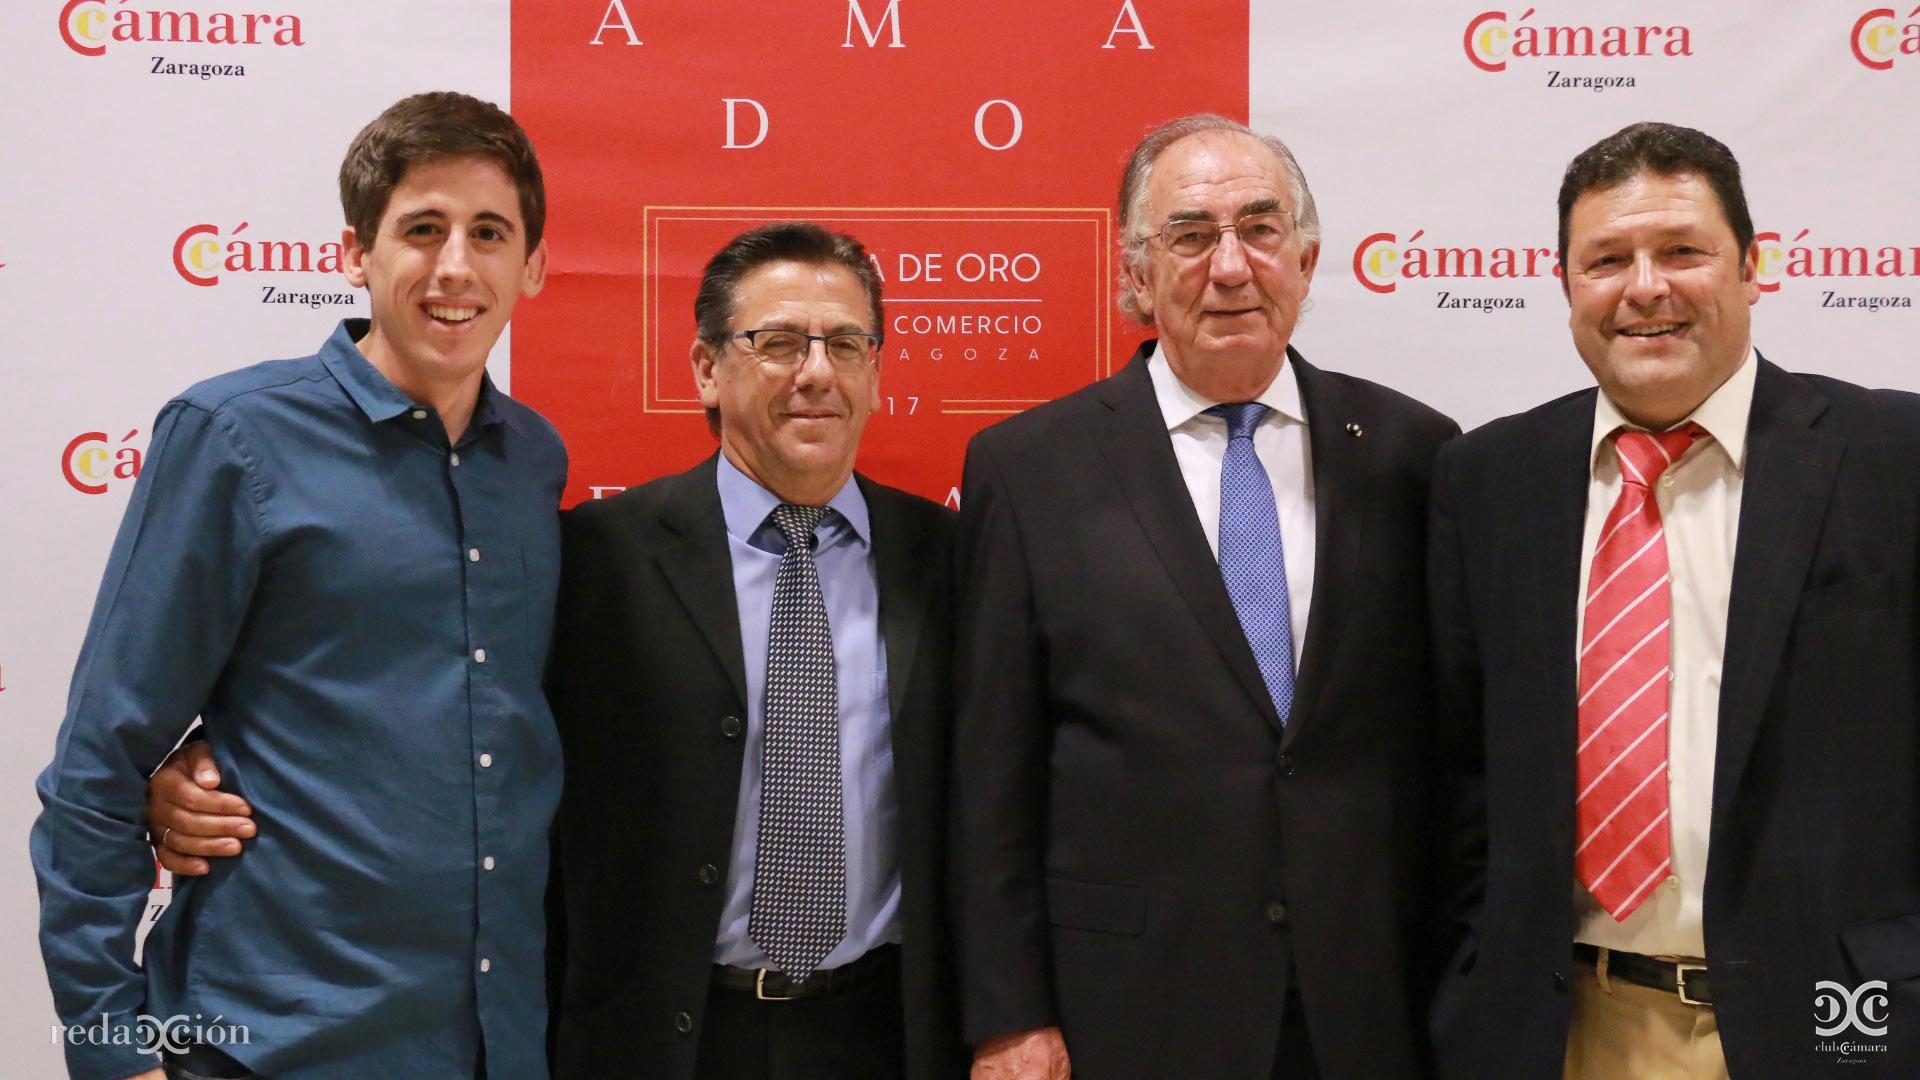 Manuel Blasco, Miguel Ángel Blasco, Amado Franco, Miguel Ángel Compadre